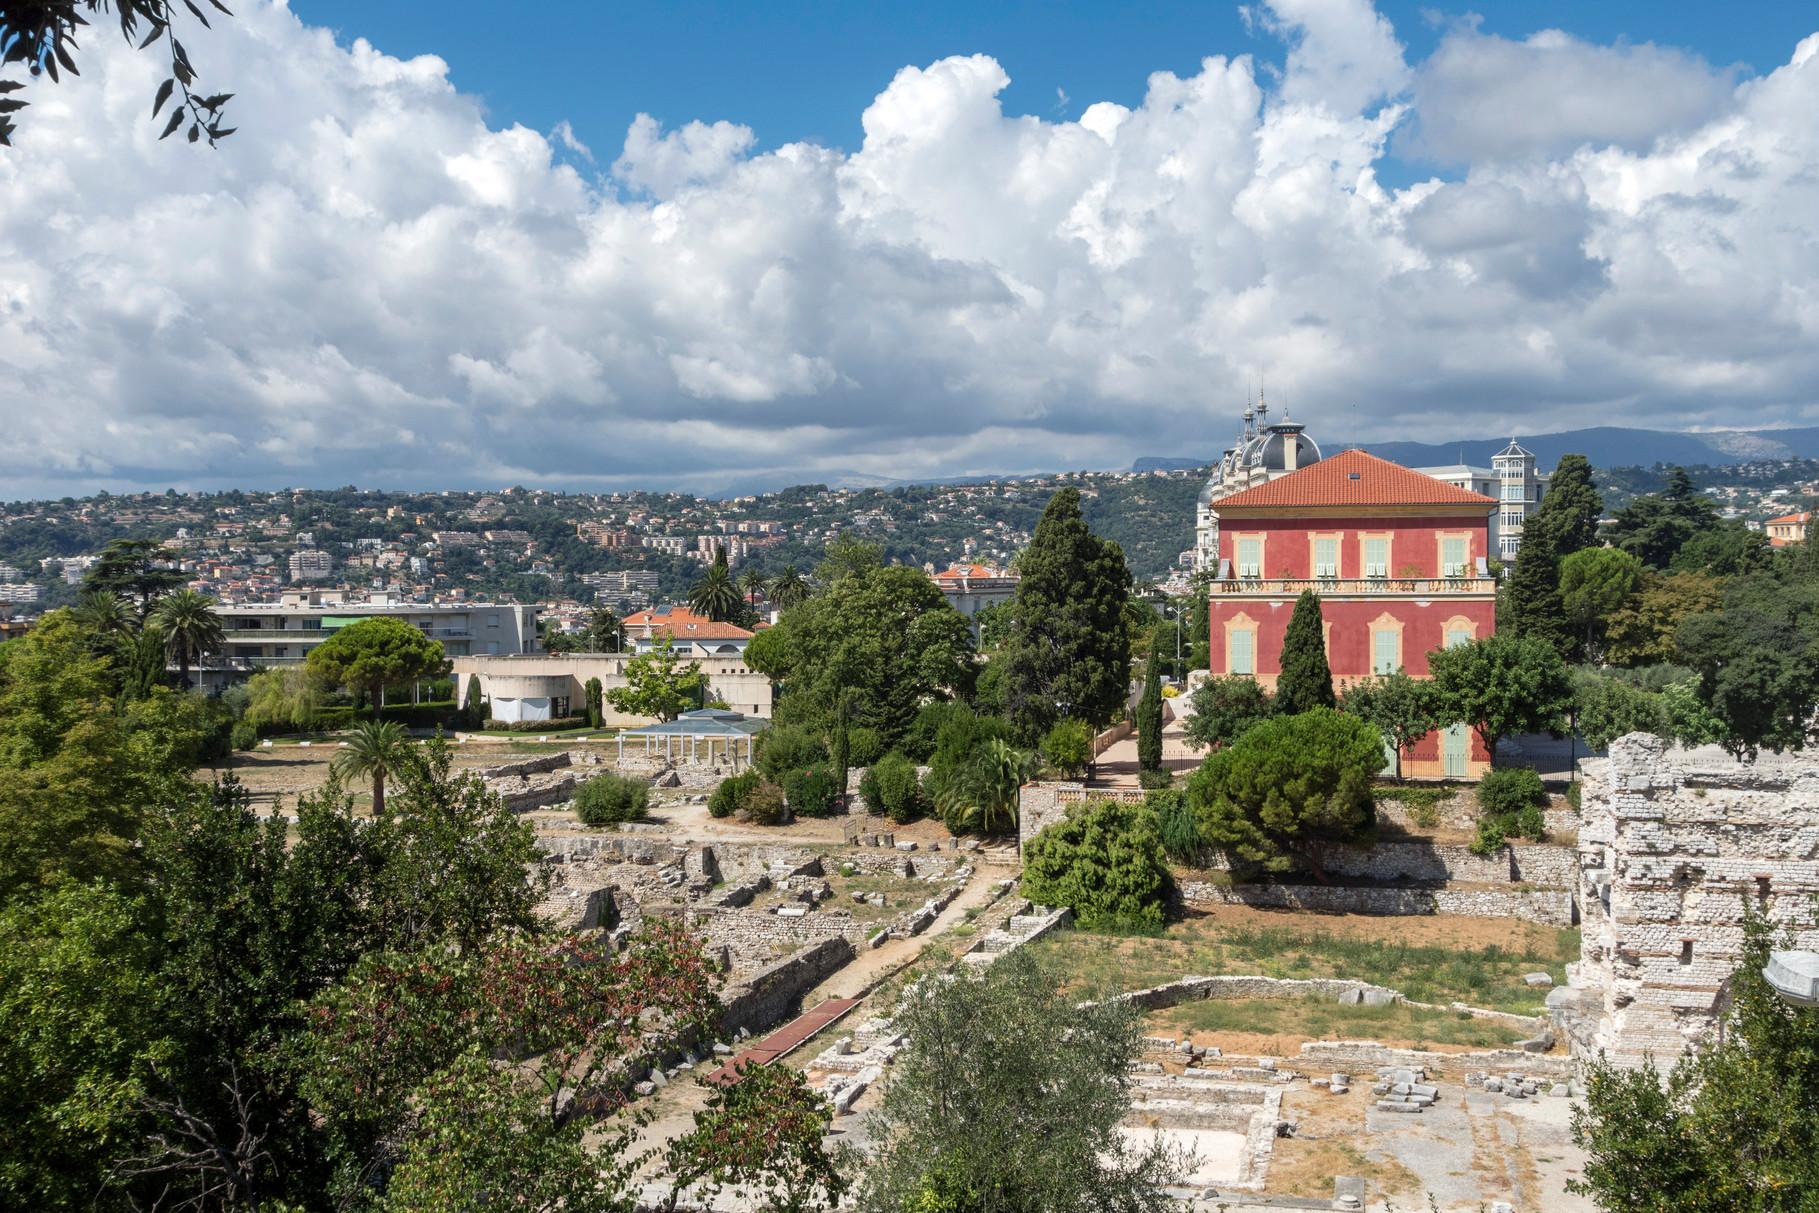 Römische Ruinen mit dem Musée Matisse und Palais Régina